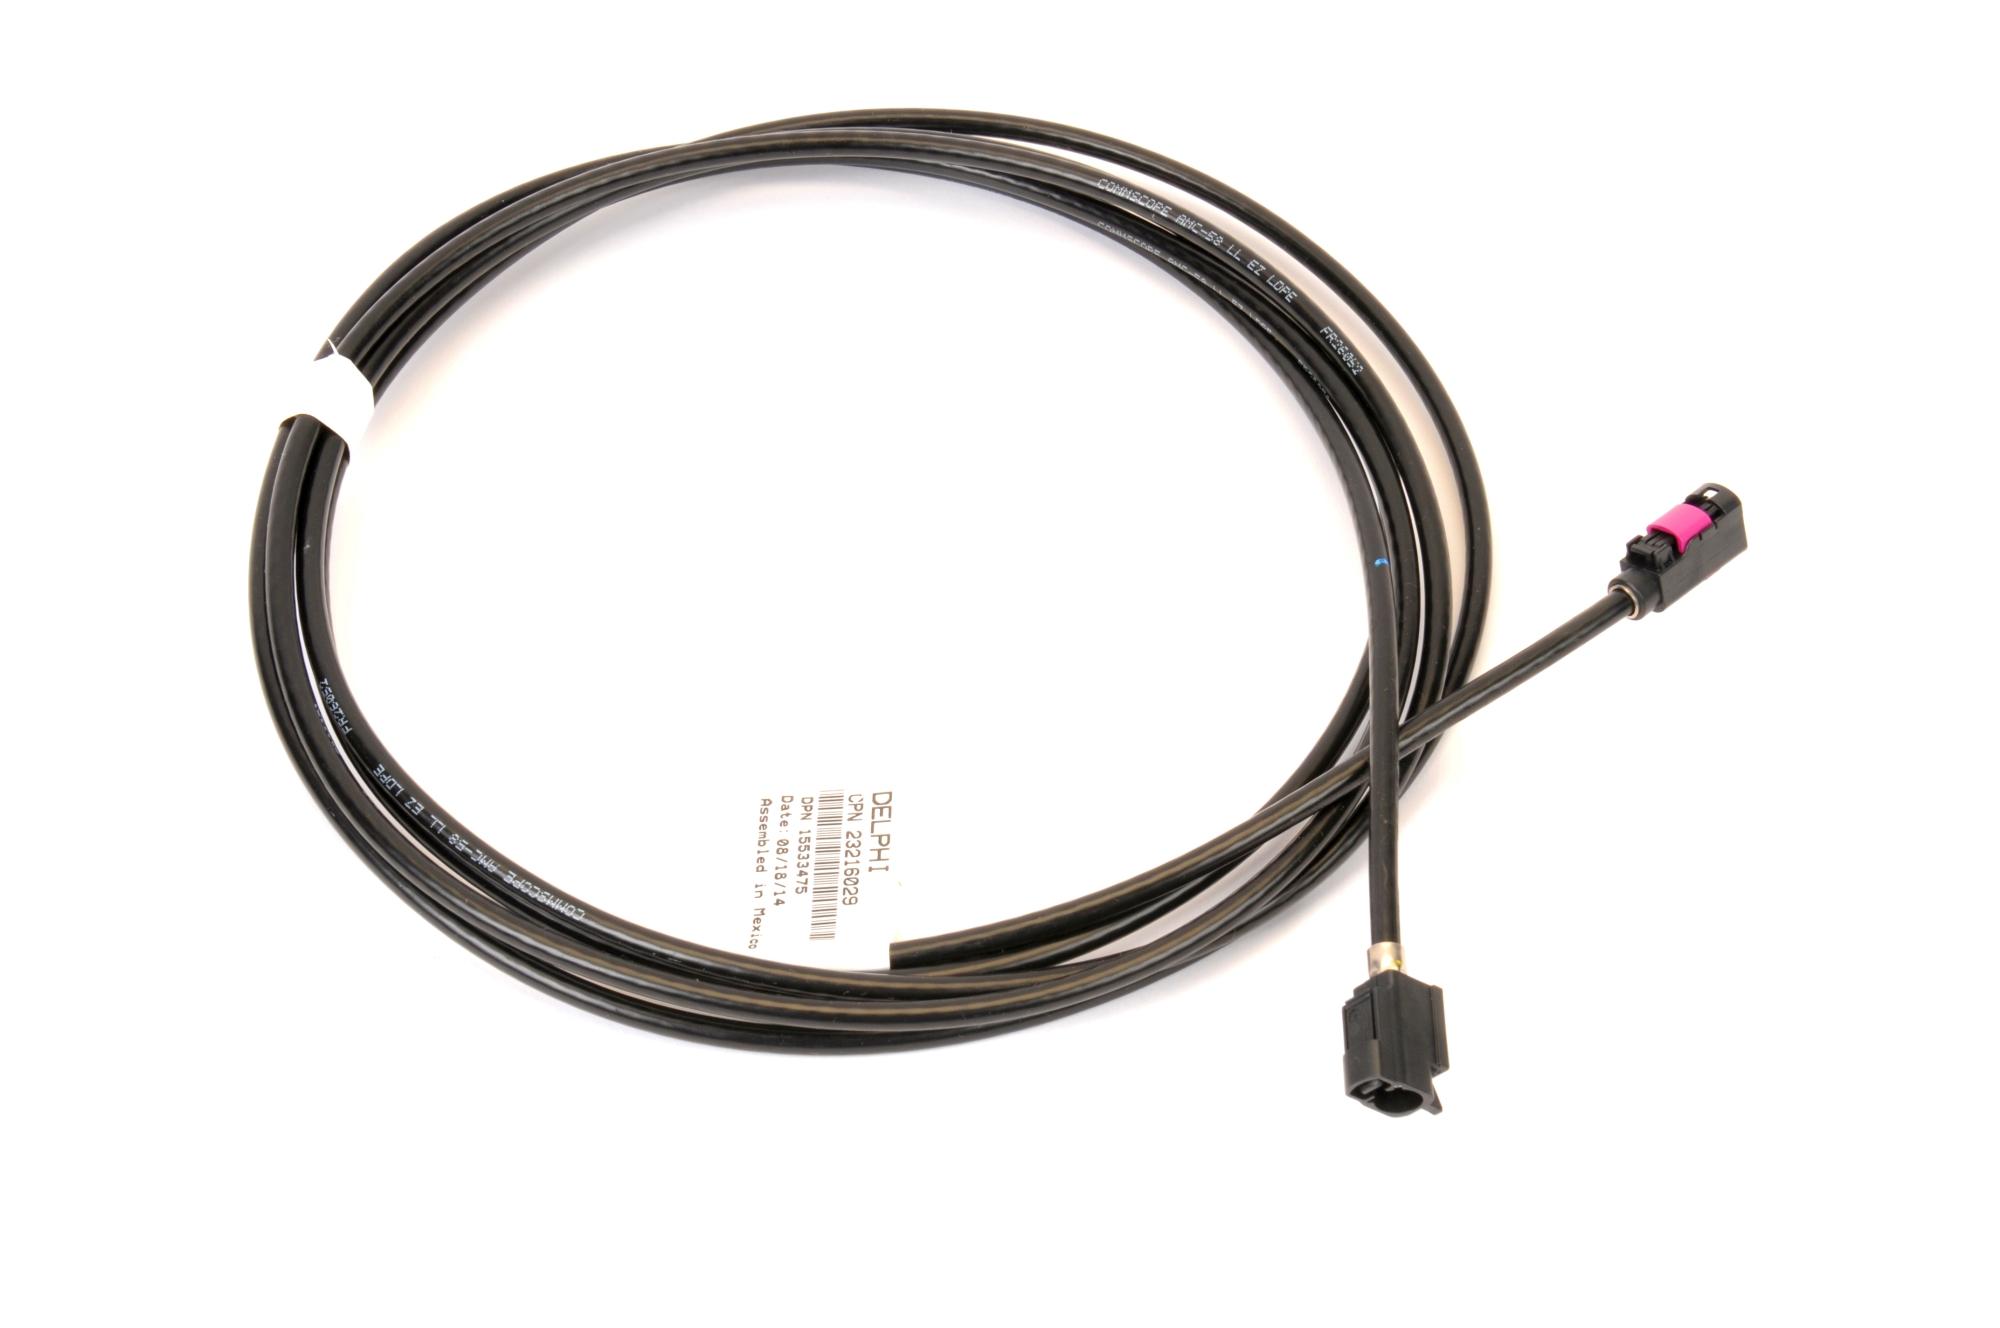 Imagen de Cable de Antena de Radio para Chevrolet Malibu 2015 Chevrolet Malibu Limited 2016 Marca AC Delco Número de Parte 23216029